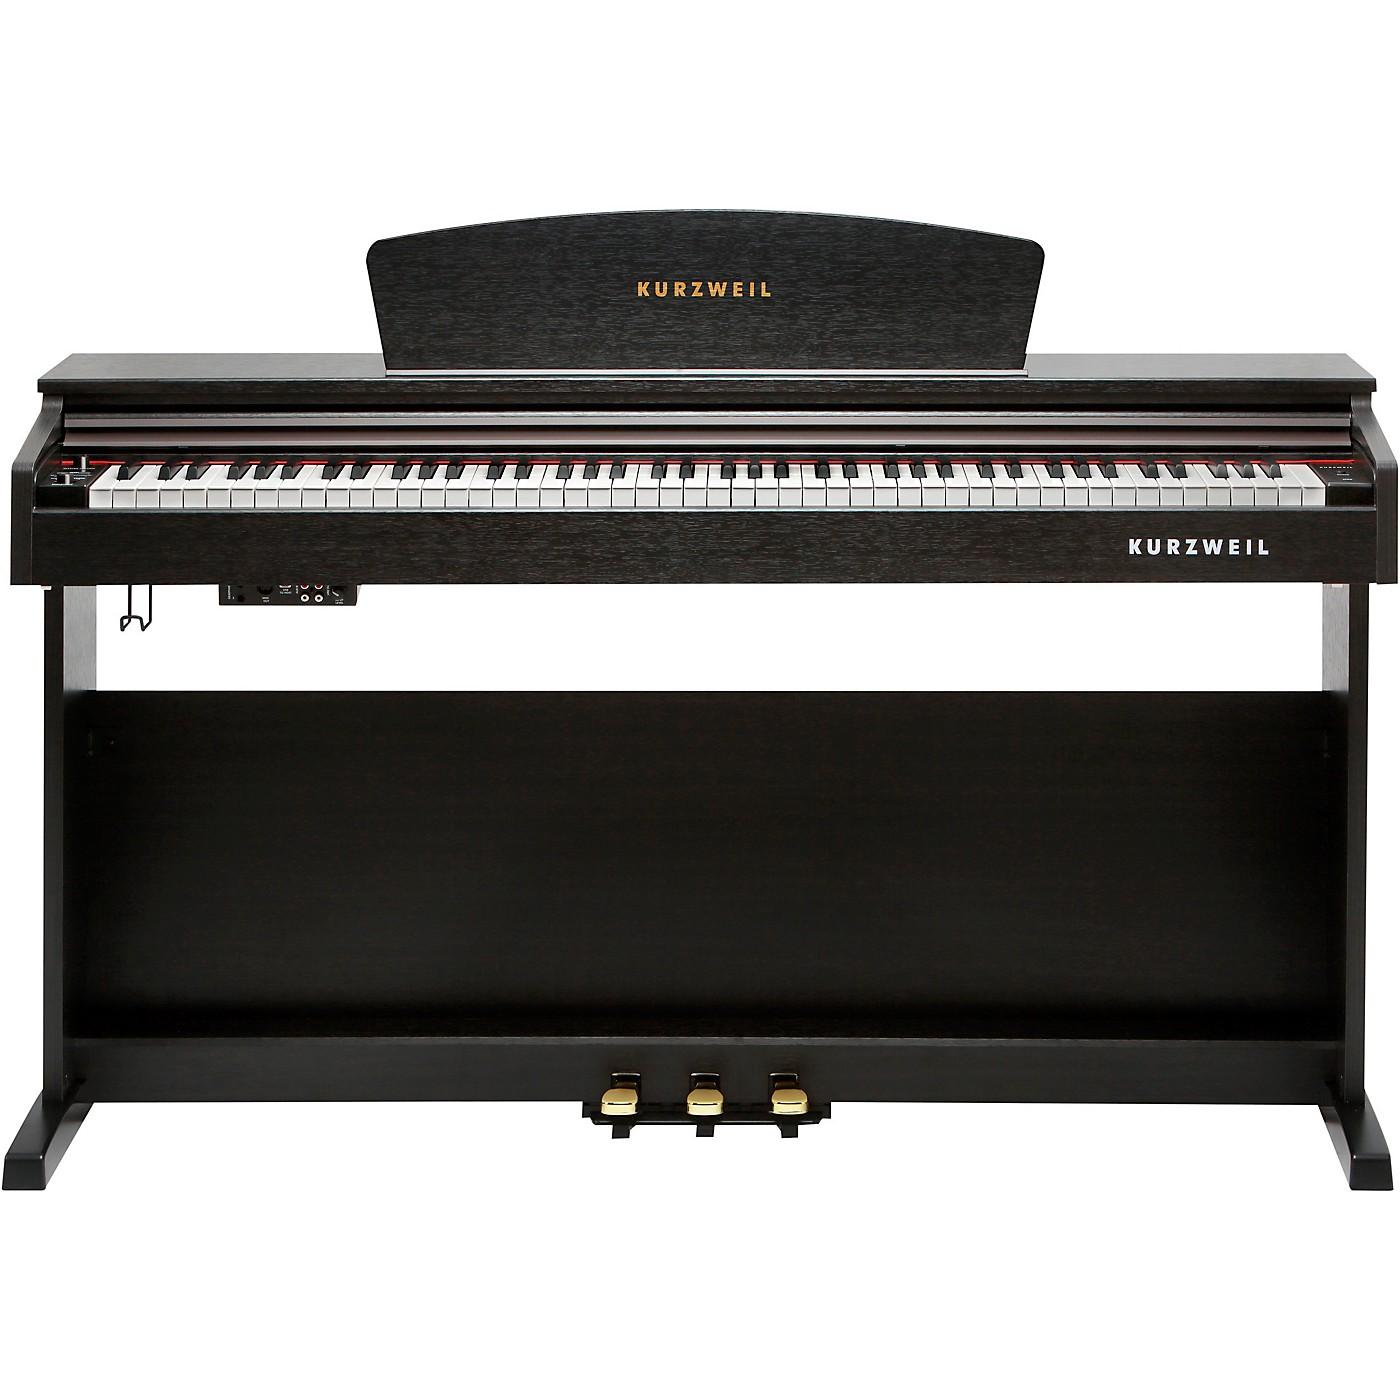 Kurzweil Home M90-SR Home Digital Piano thumbnail